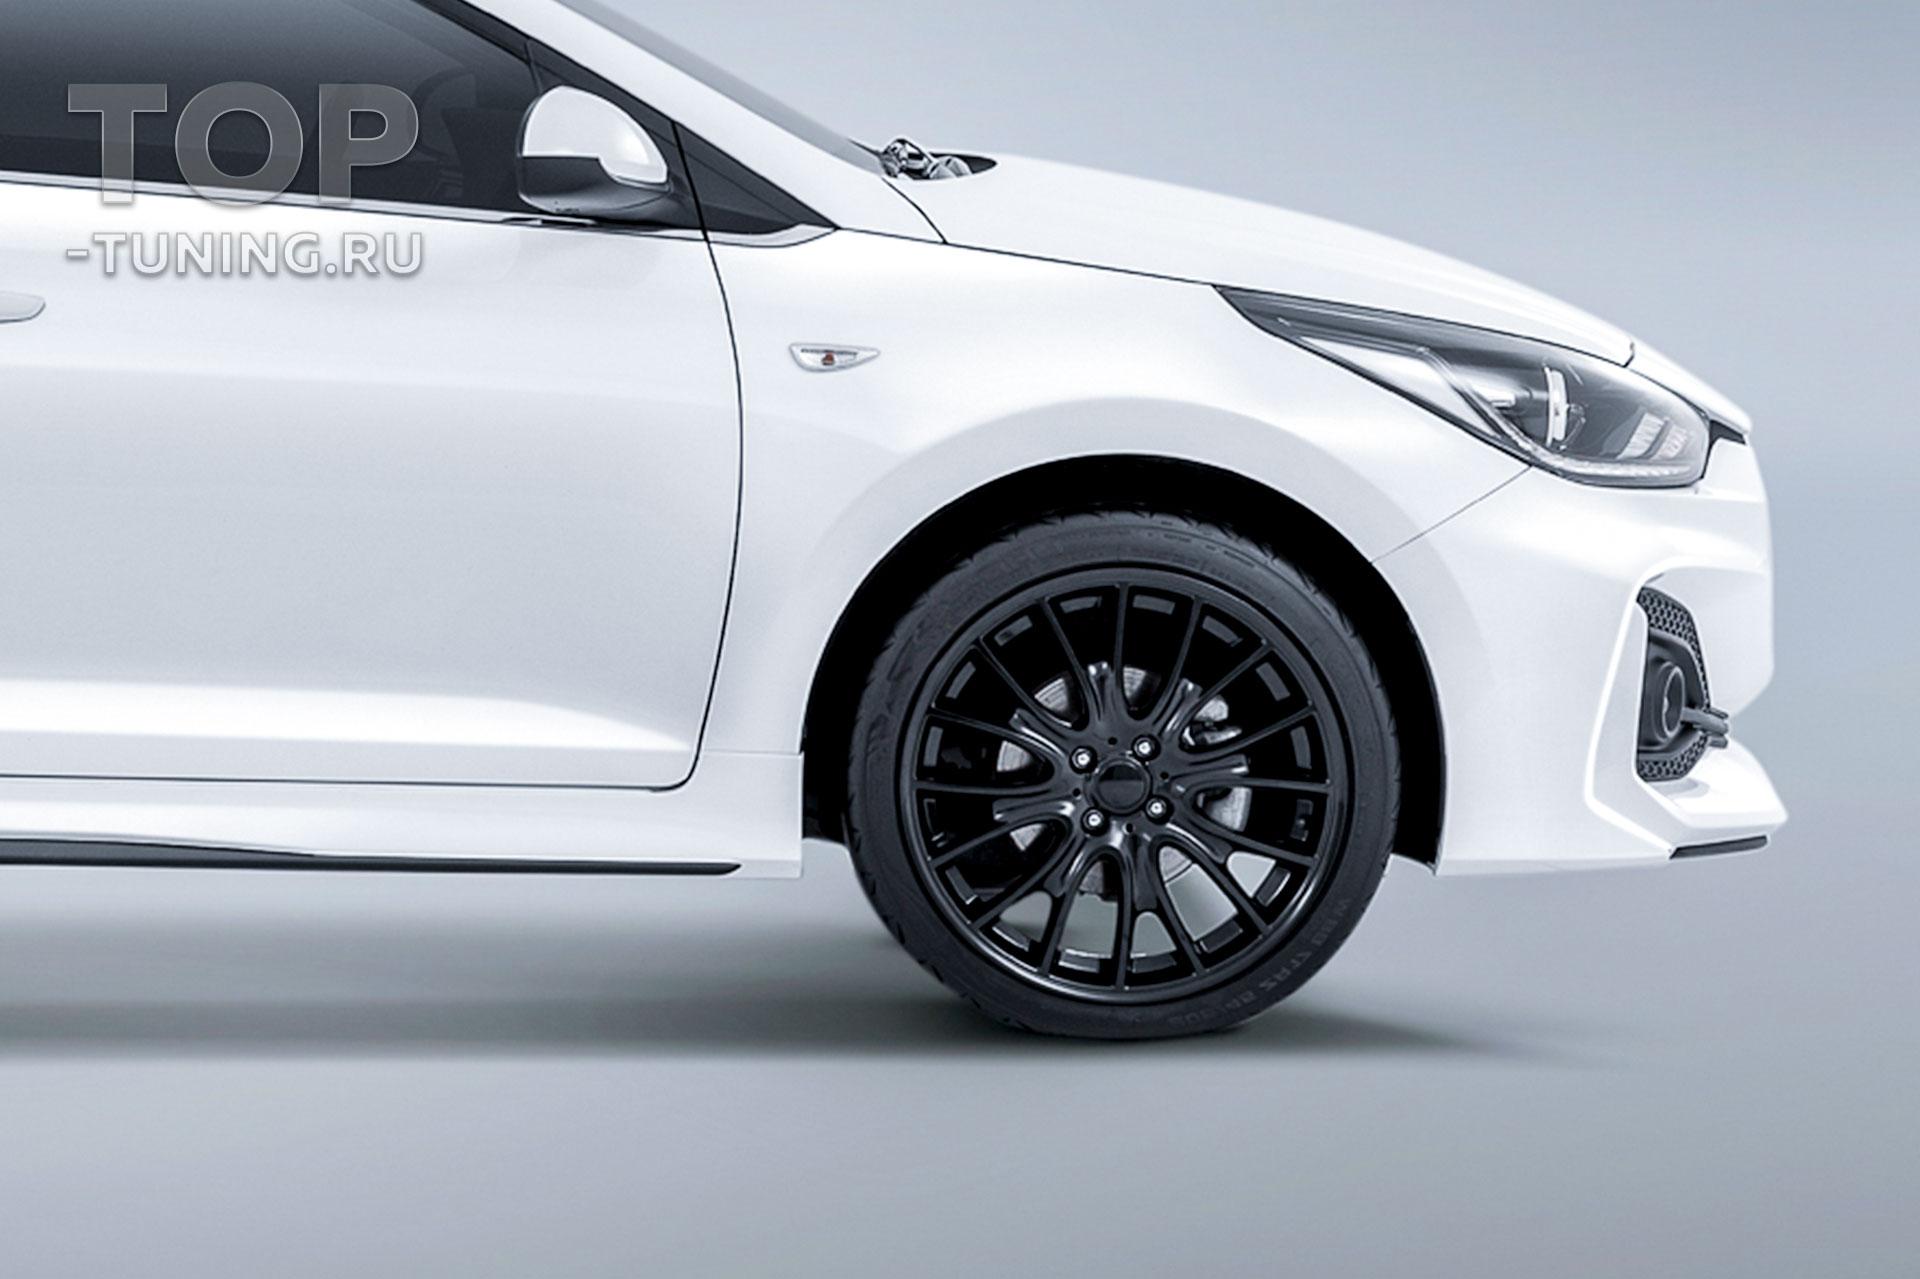 10733 Обвес Stinger для Hyundai Solaris 2